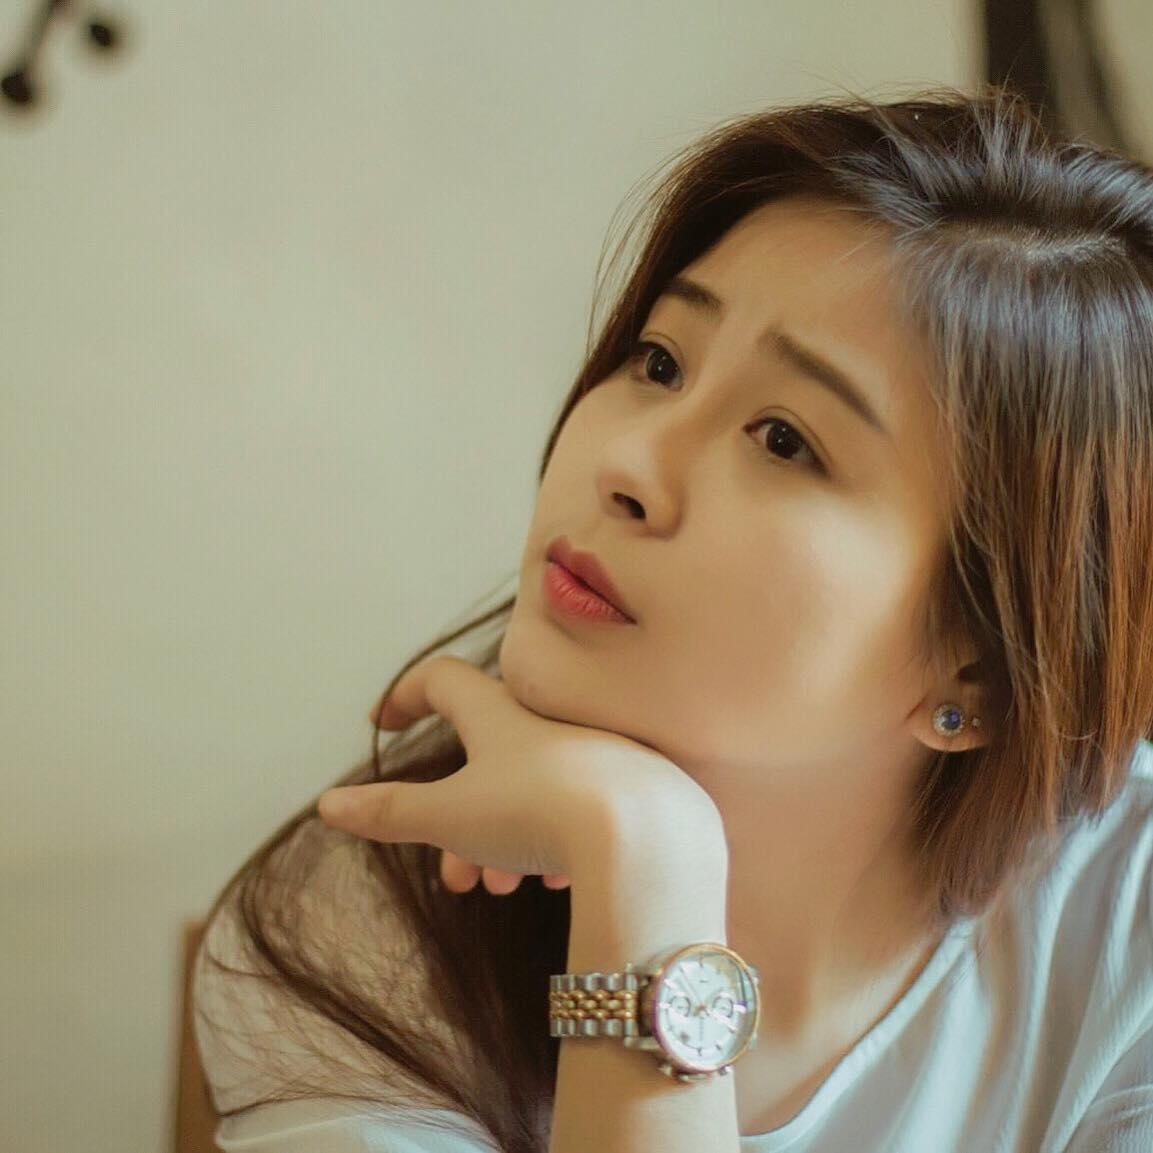 anh do thu faptv 2016 6 - HOT Girl Đỗ Thư FAPTV Gợi Cảm Quyến Rũ Mũm Mĩm Đáng Yêu